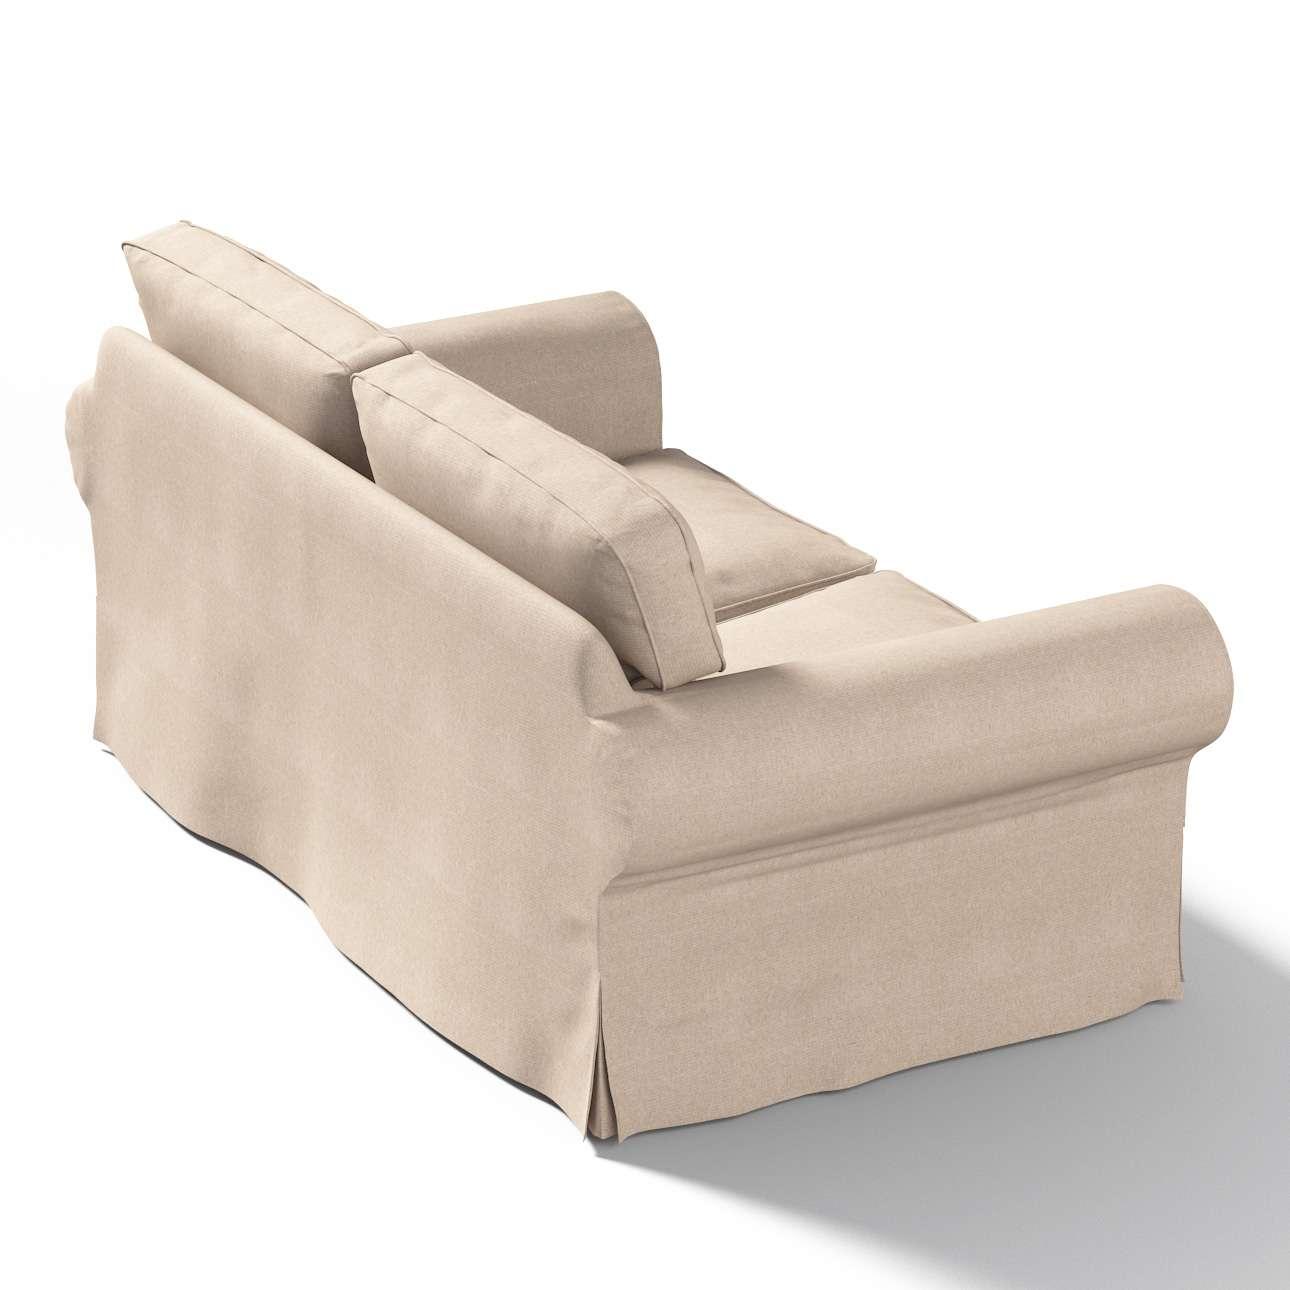 Ektorp 2-Sitzer Sofabezug nicht ausklappbar von der Kollektion Etna, Stoff: 705-09